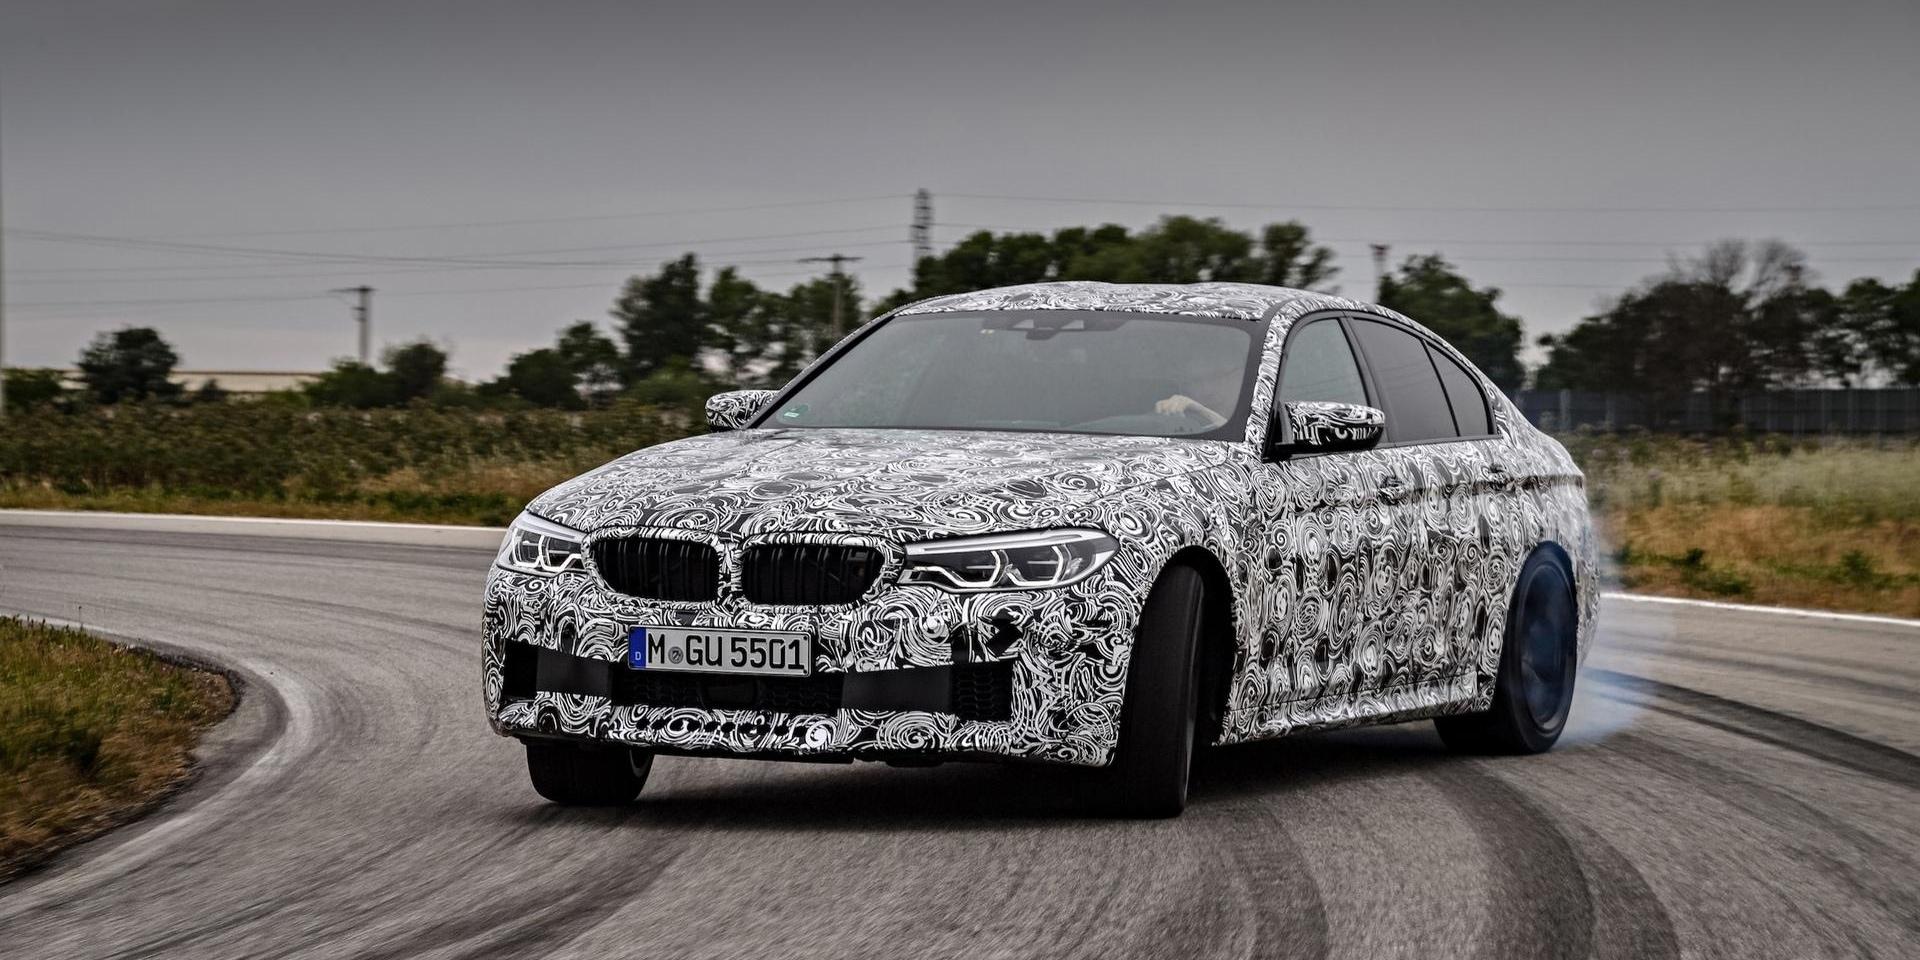 眾所期待中型性能房車,2018 BMW M5詳細規格露出